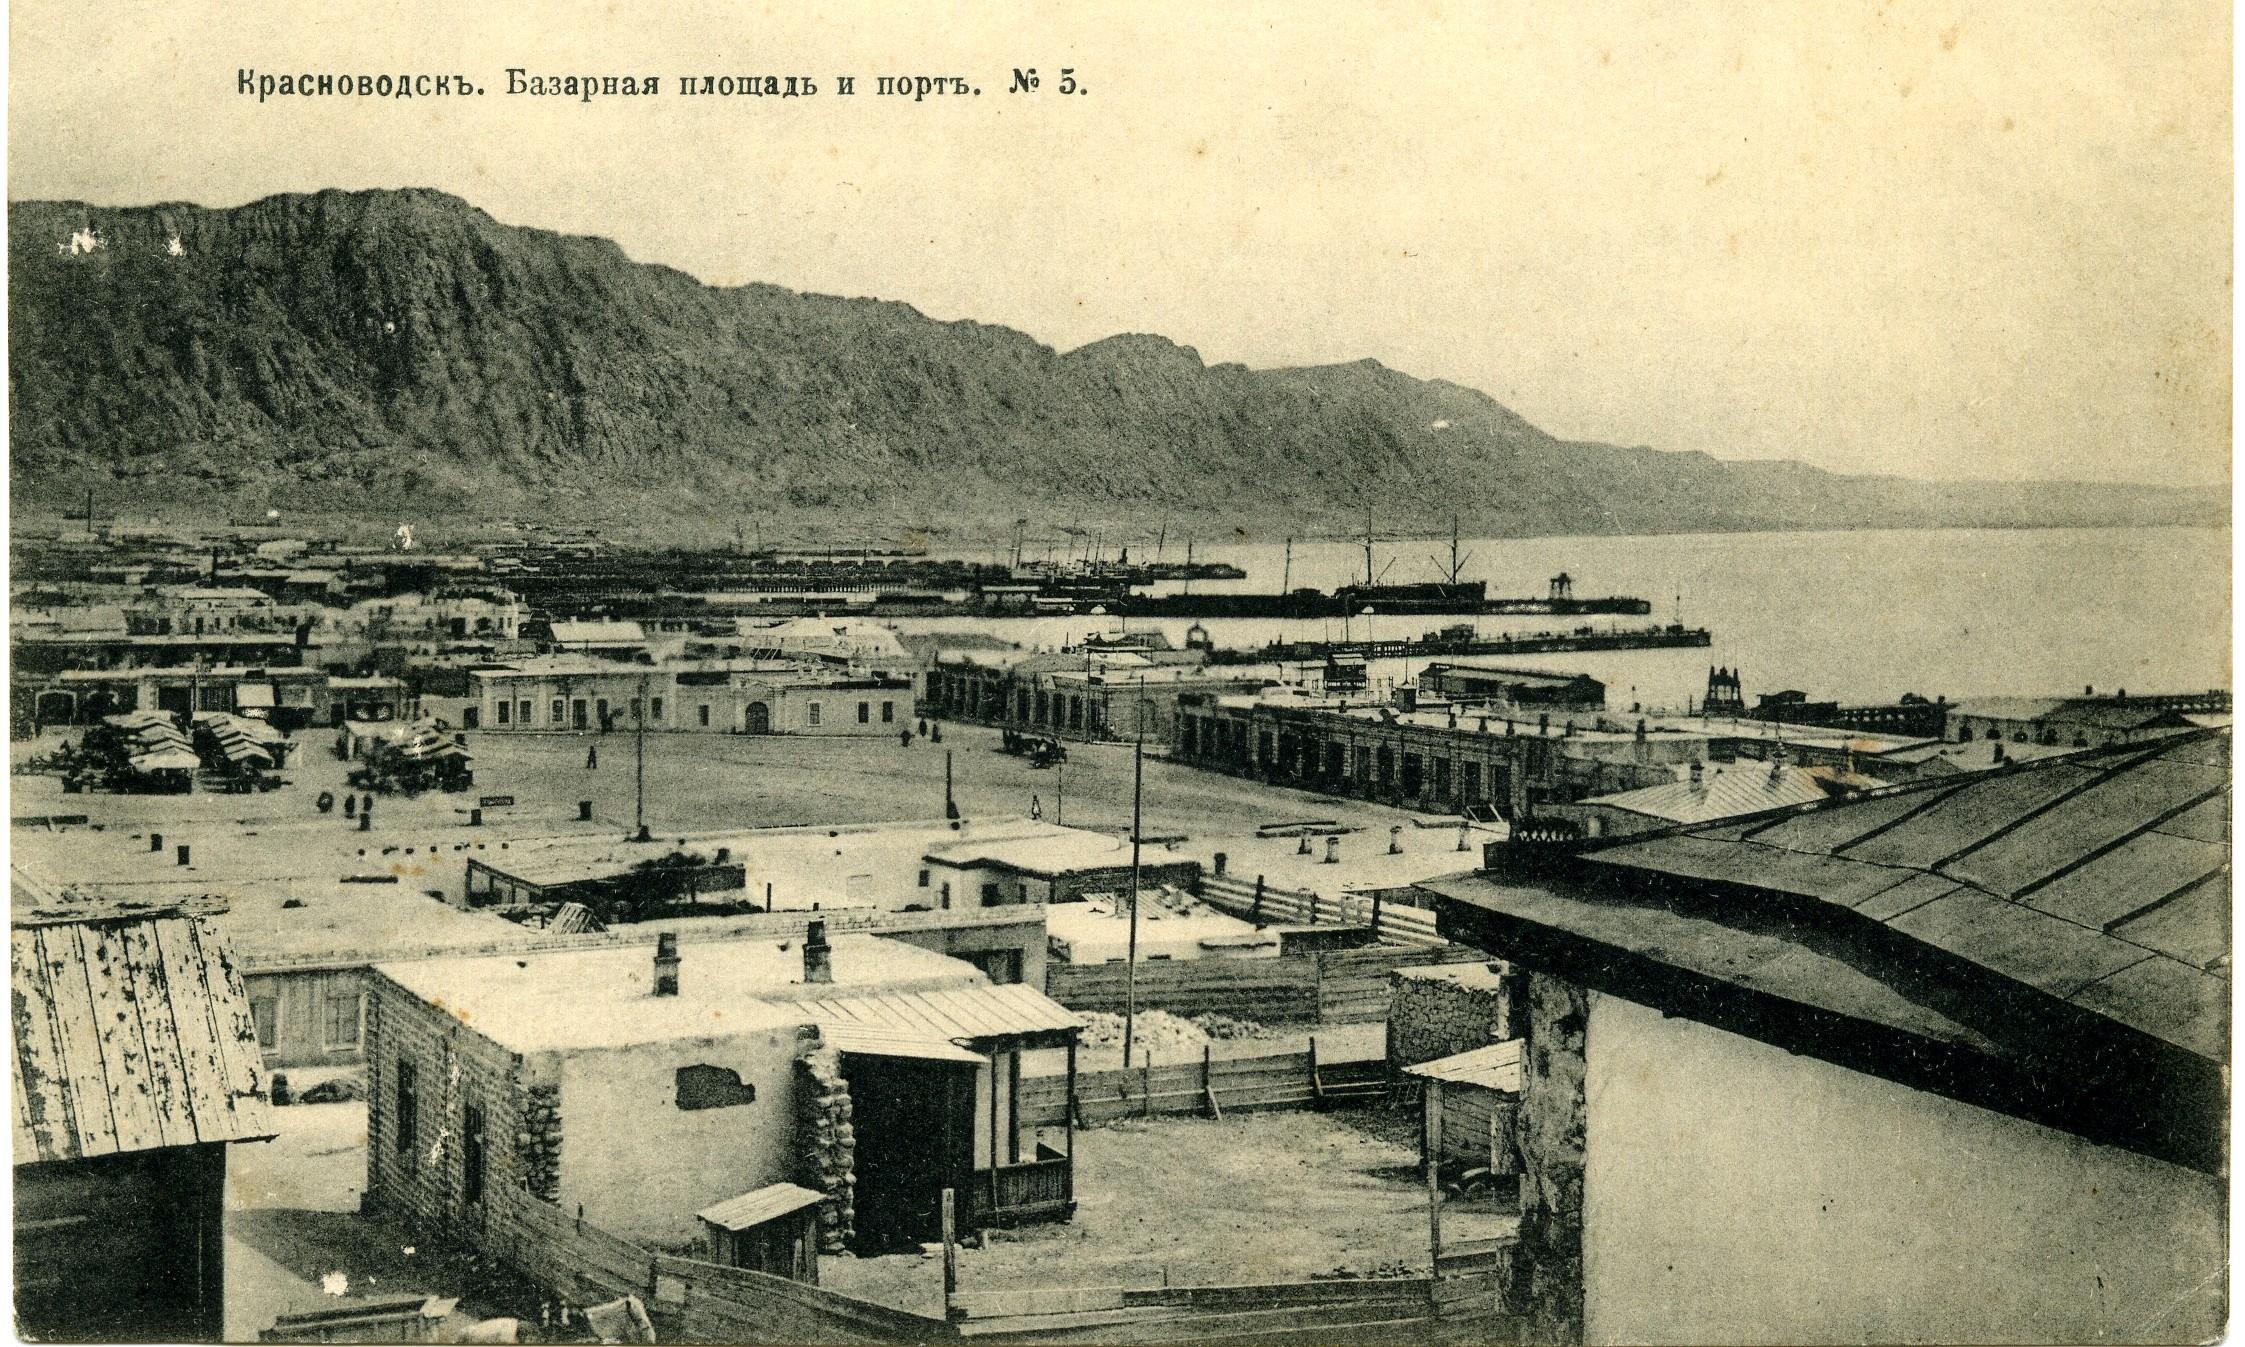 Базарная площадь и порт